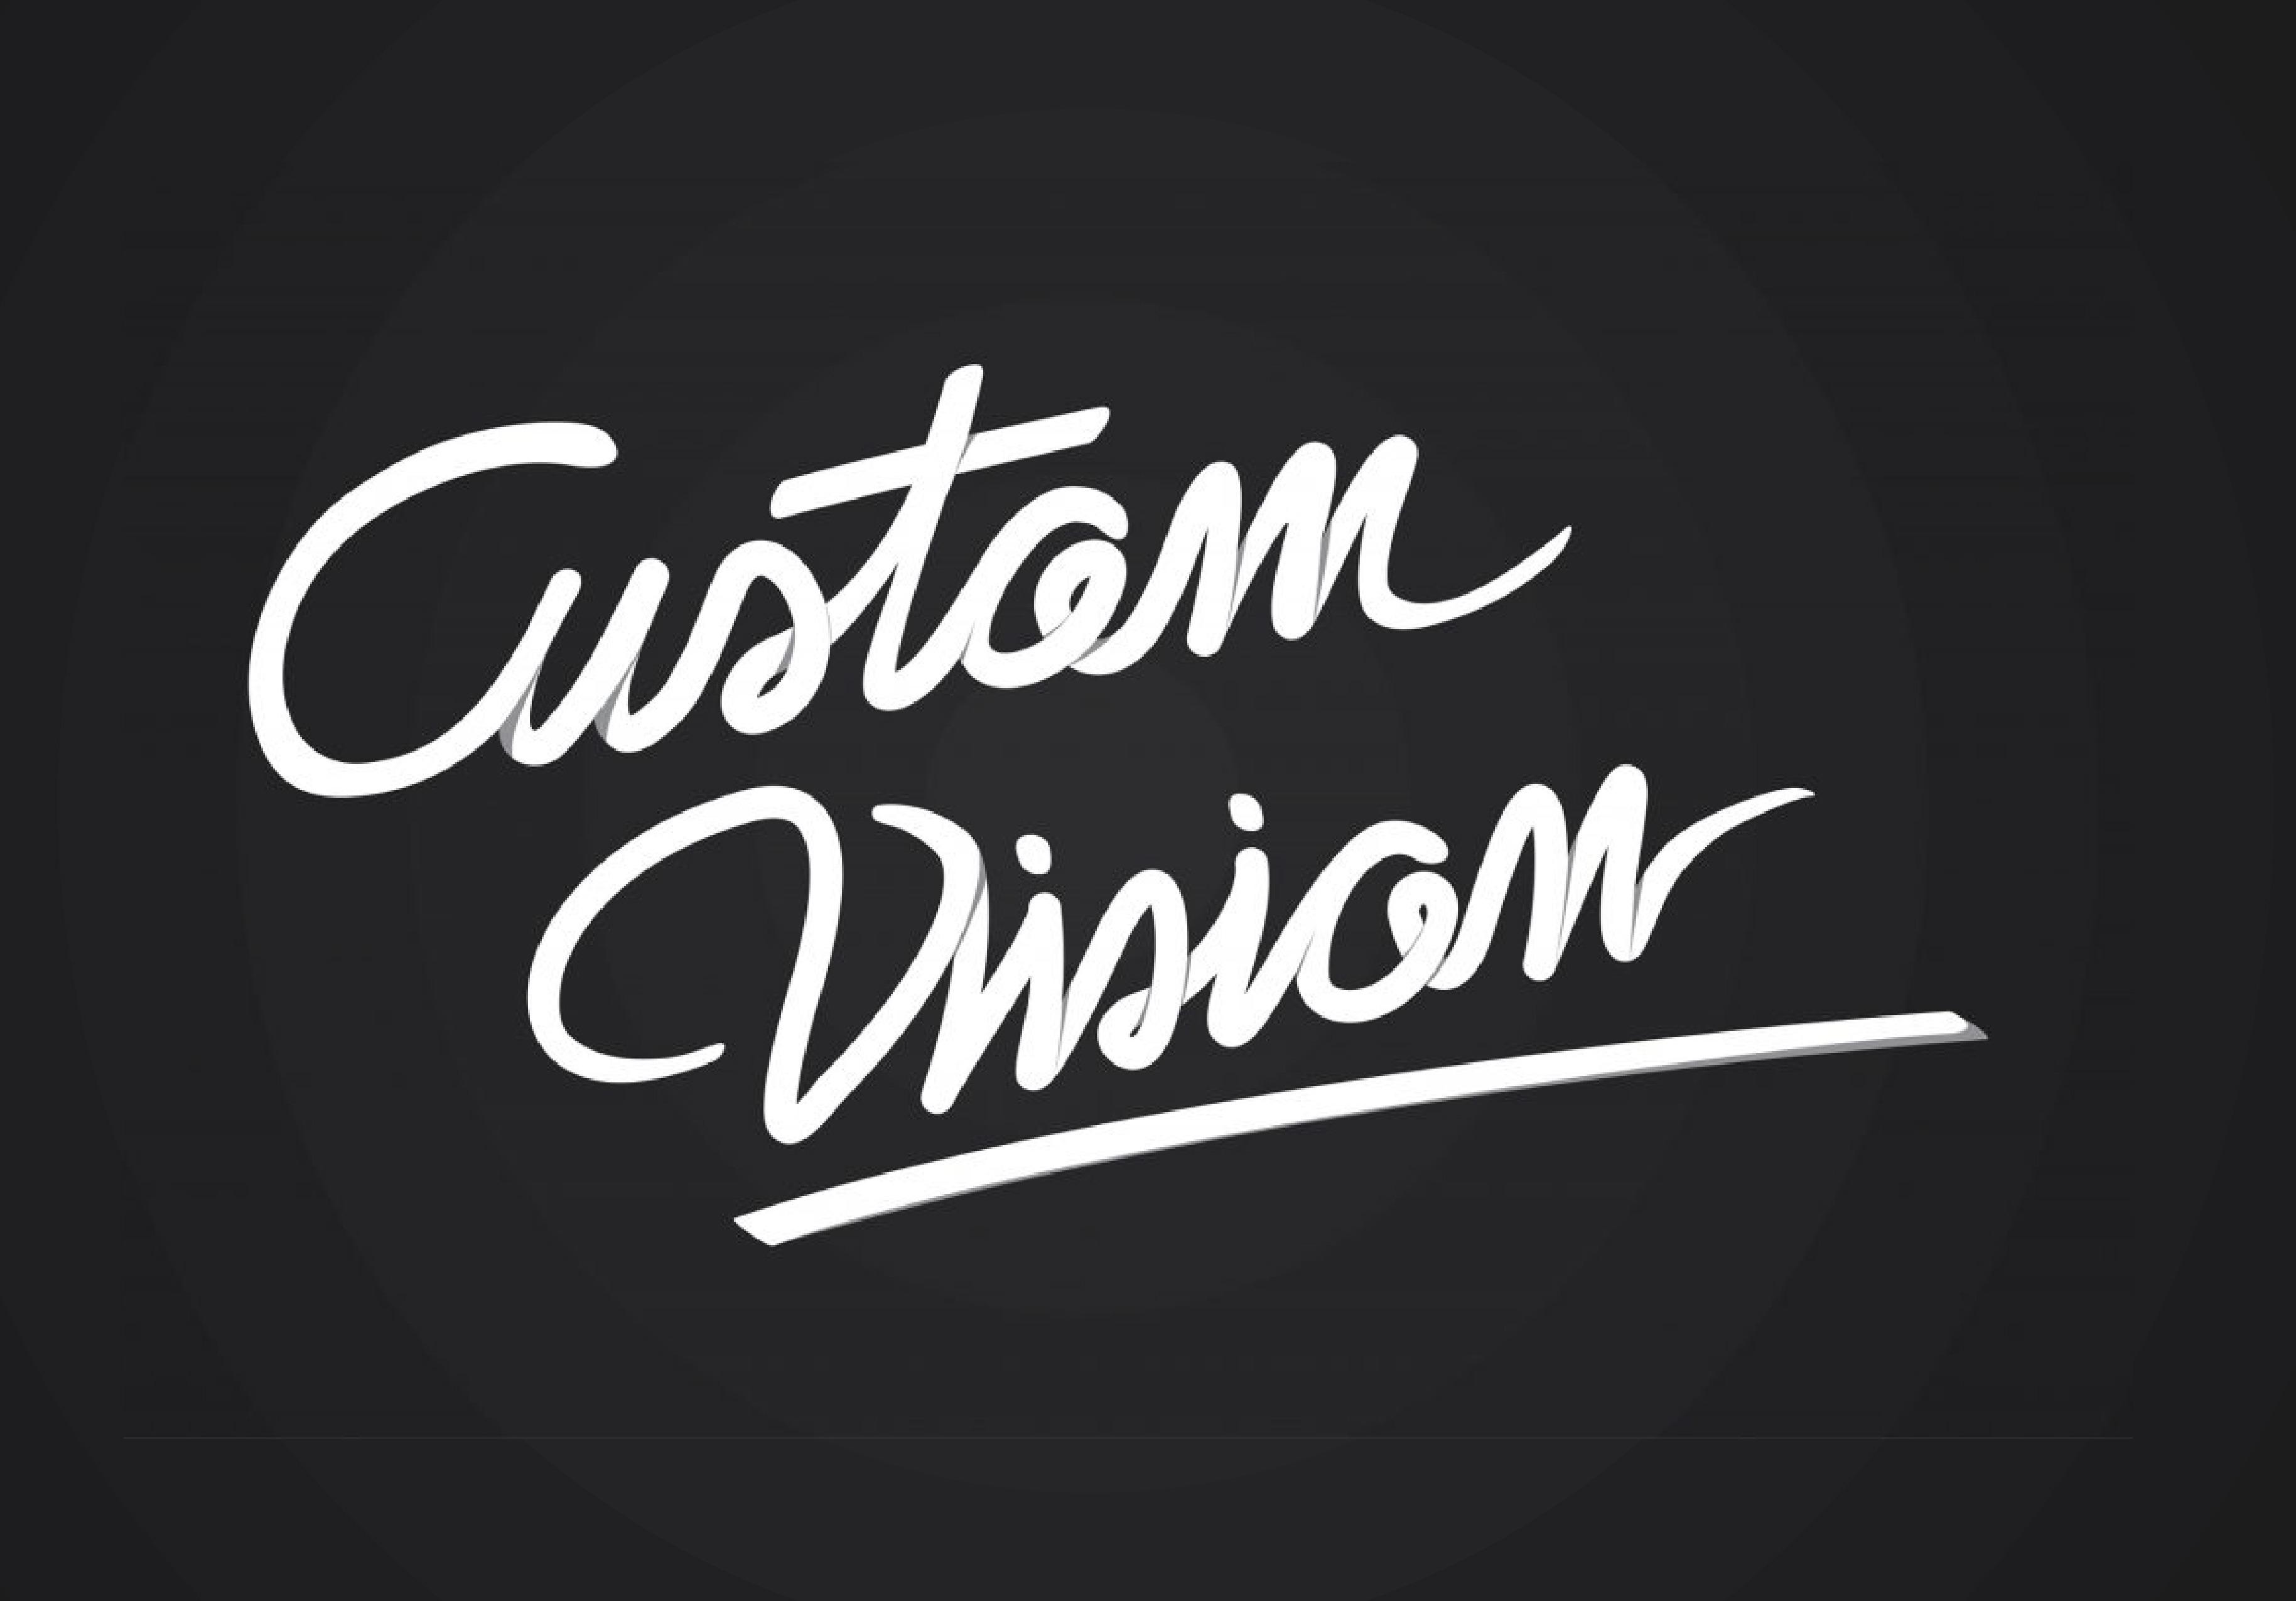 Van custom vision design naar prototribe